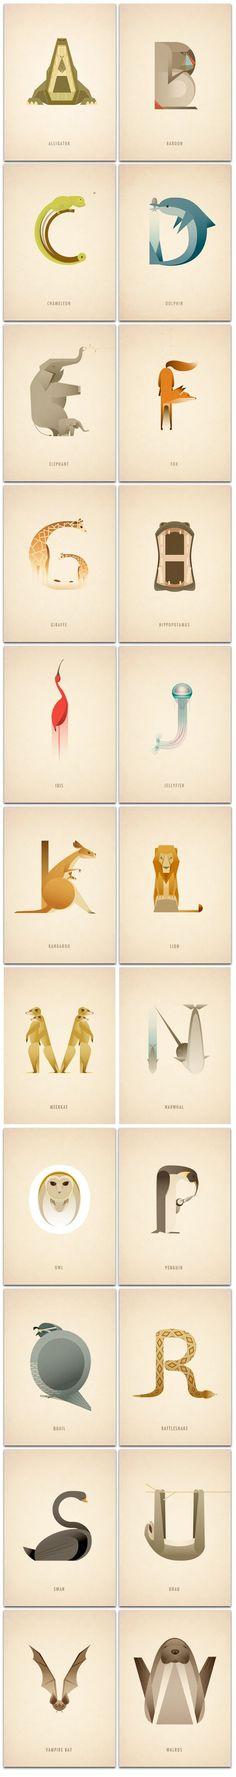 L'alphabet des animaux par Marcus Reed est très lumineuse et colorée. Idéal pour les enfants que chaque mot est constitué d'un ou un groupe d'animaux qui commencent par la même lettre. Des dessins très pédagogiques et utiles pour tous ceux qui luttent pour trouver un animal qui commence par une certaine lettre, il n'est pas trop complexe à comprendre, simples et clairs.: